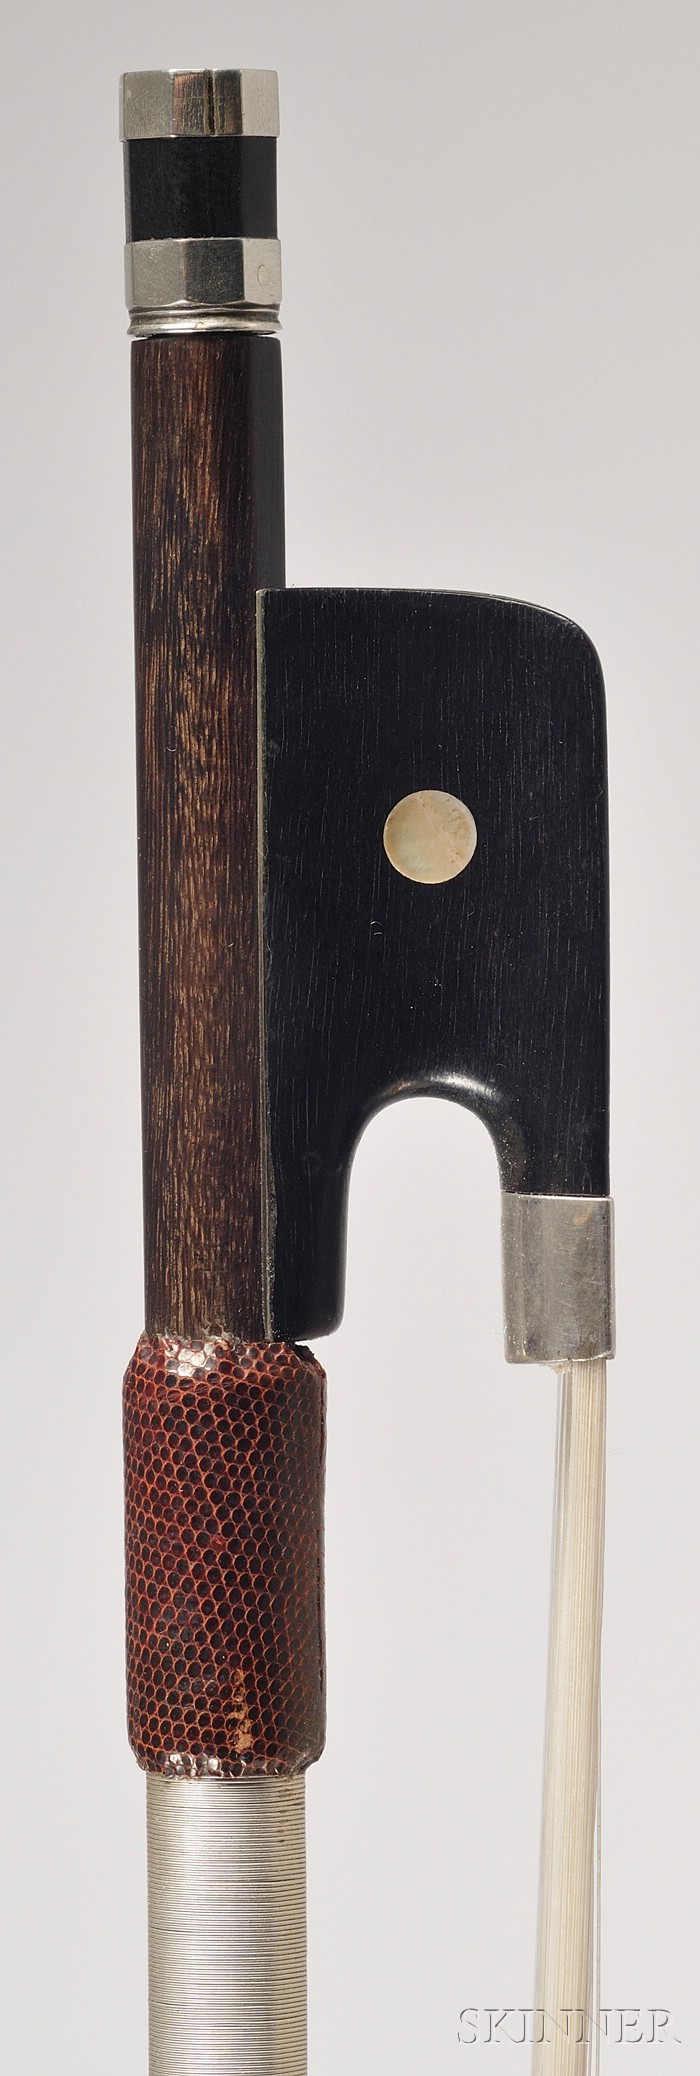 Silver Mounted Violoncello Bow